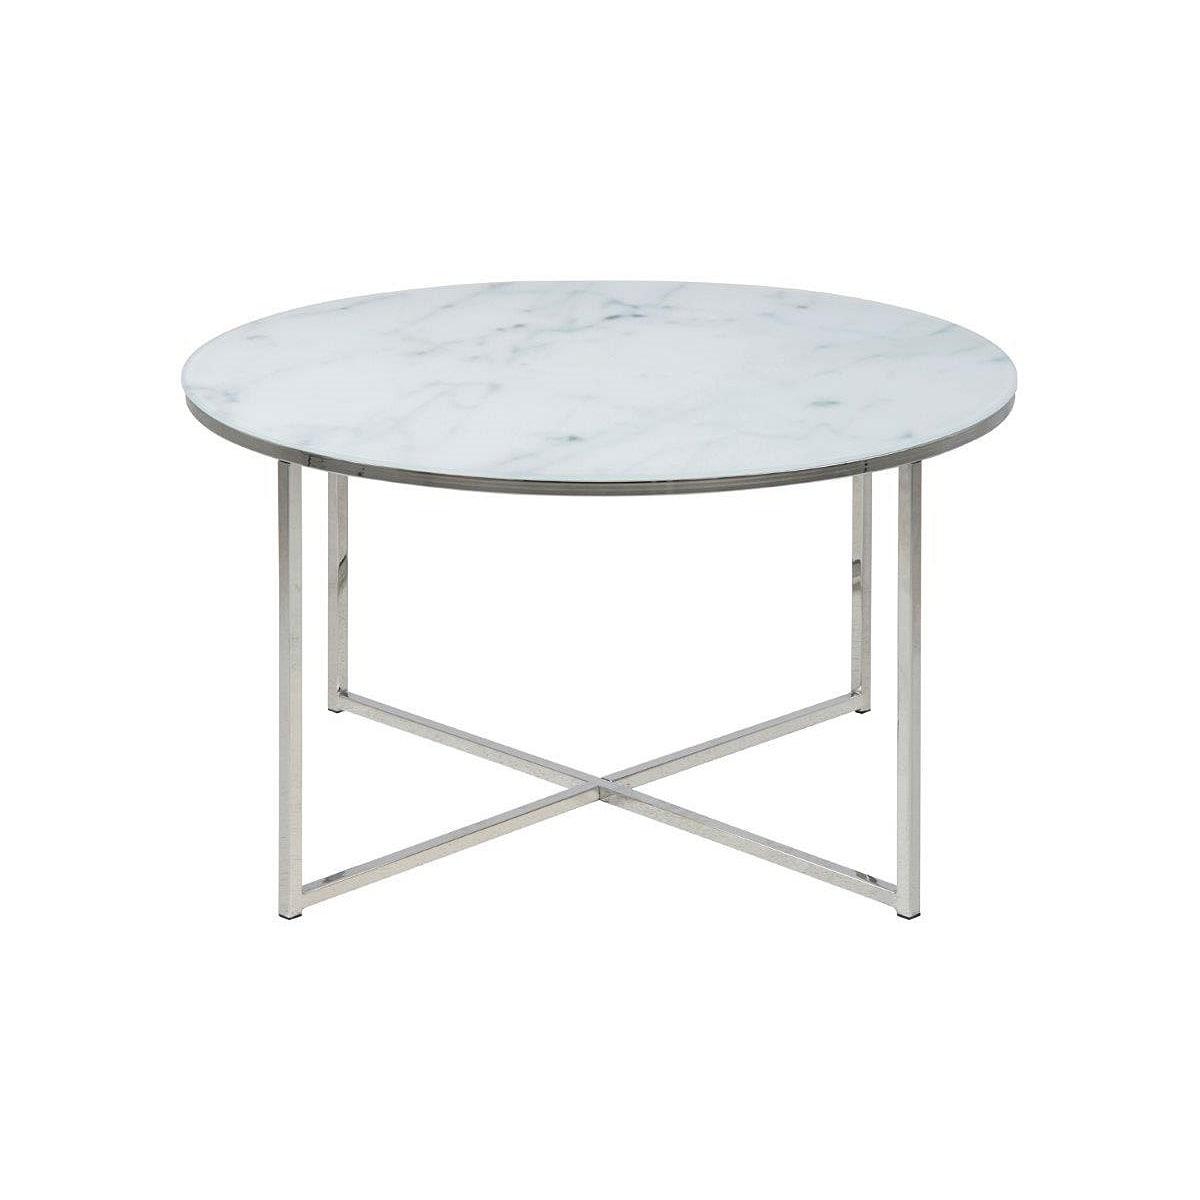 AuBergewohnlich Couchtisch JOHN Glas Weiß/Marmor Motiv Ø Ca. 80 Cm